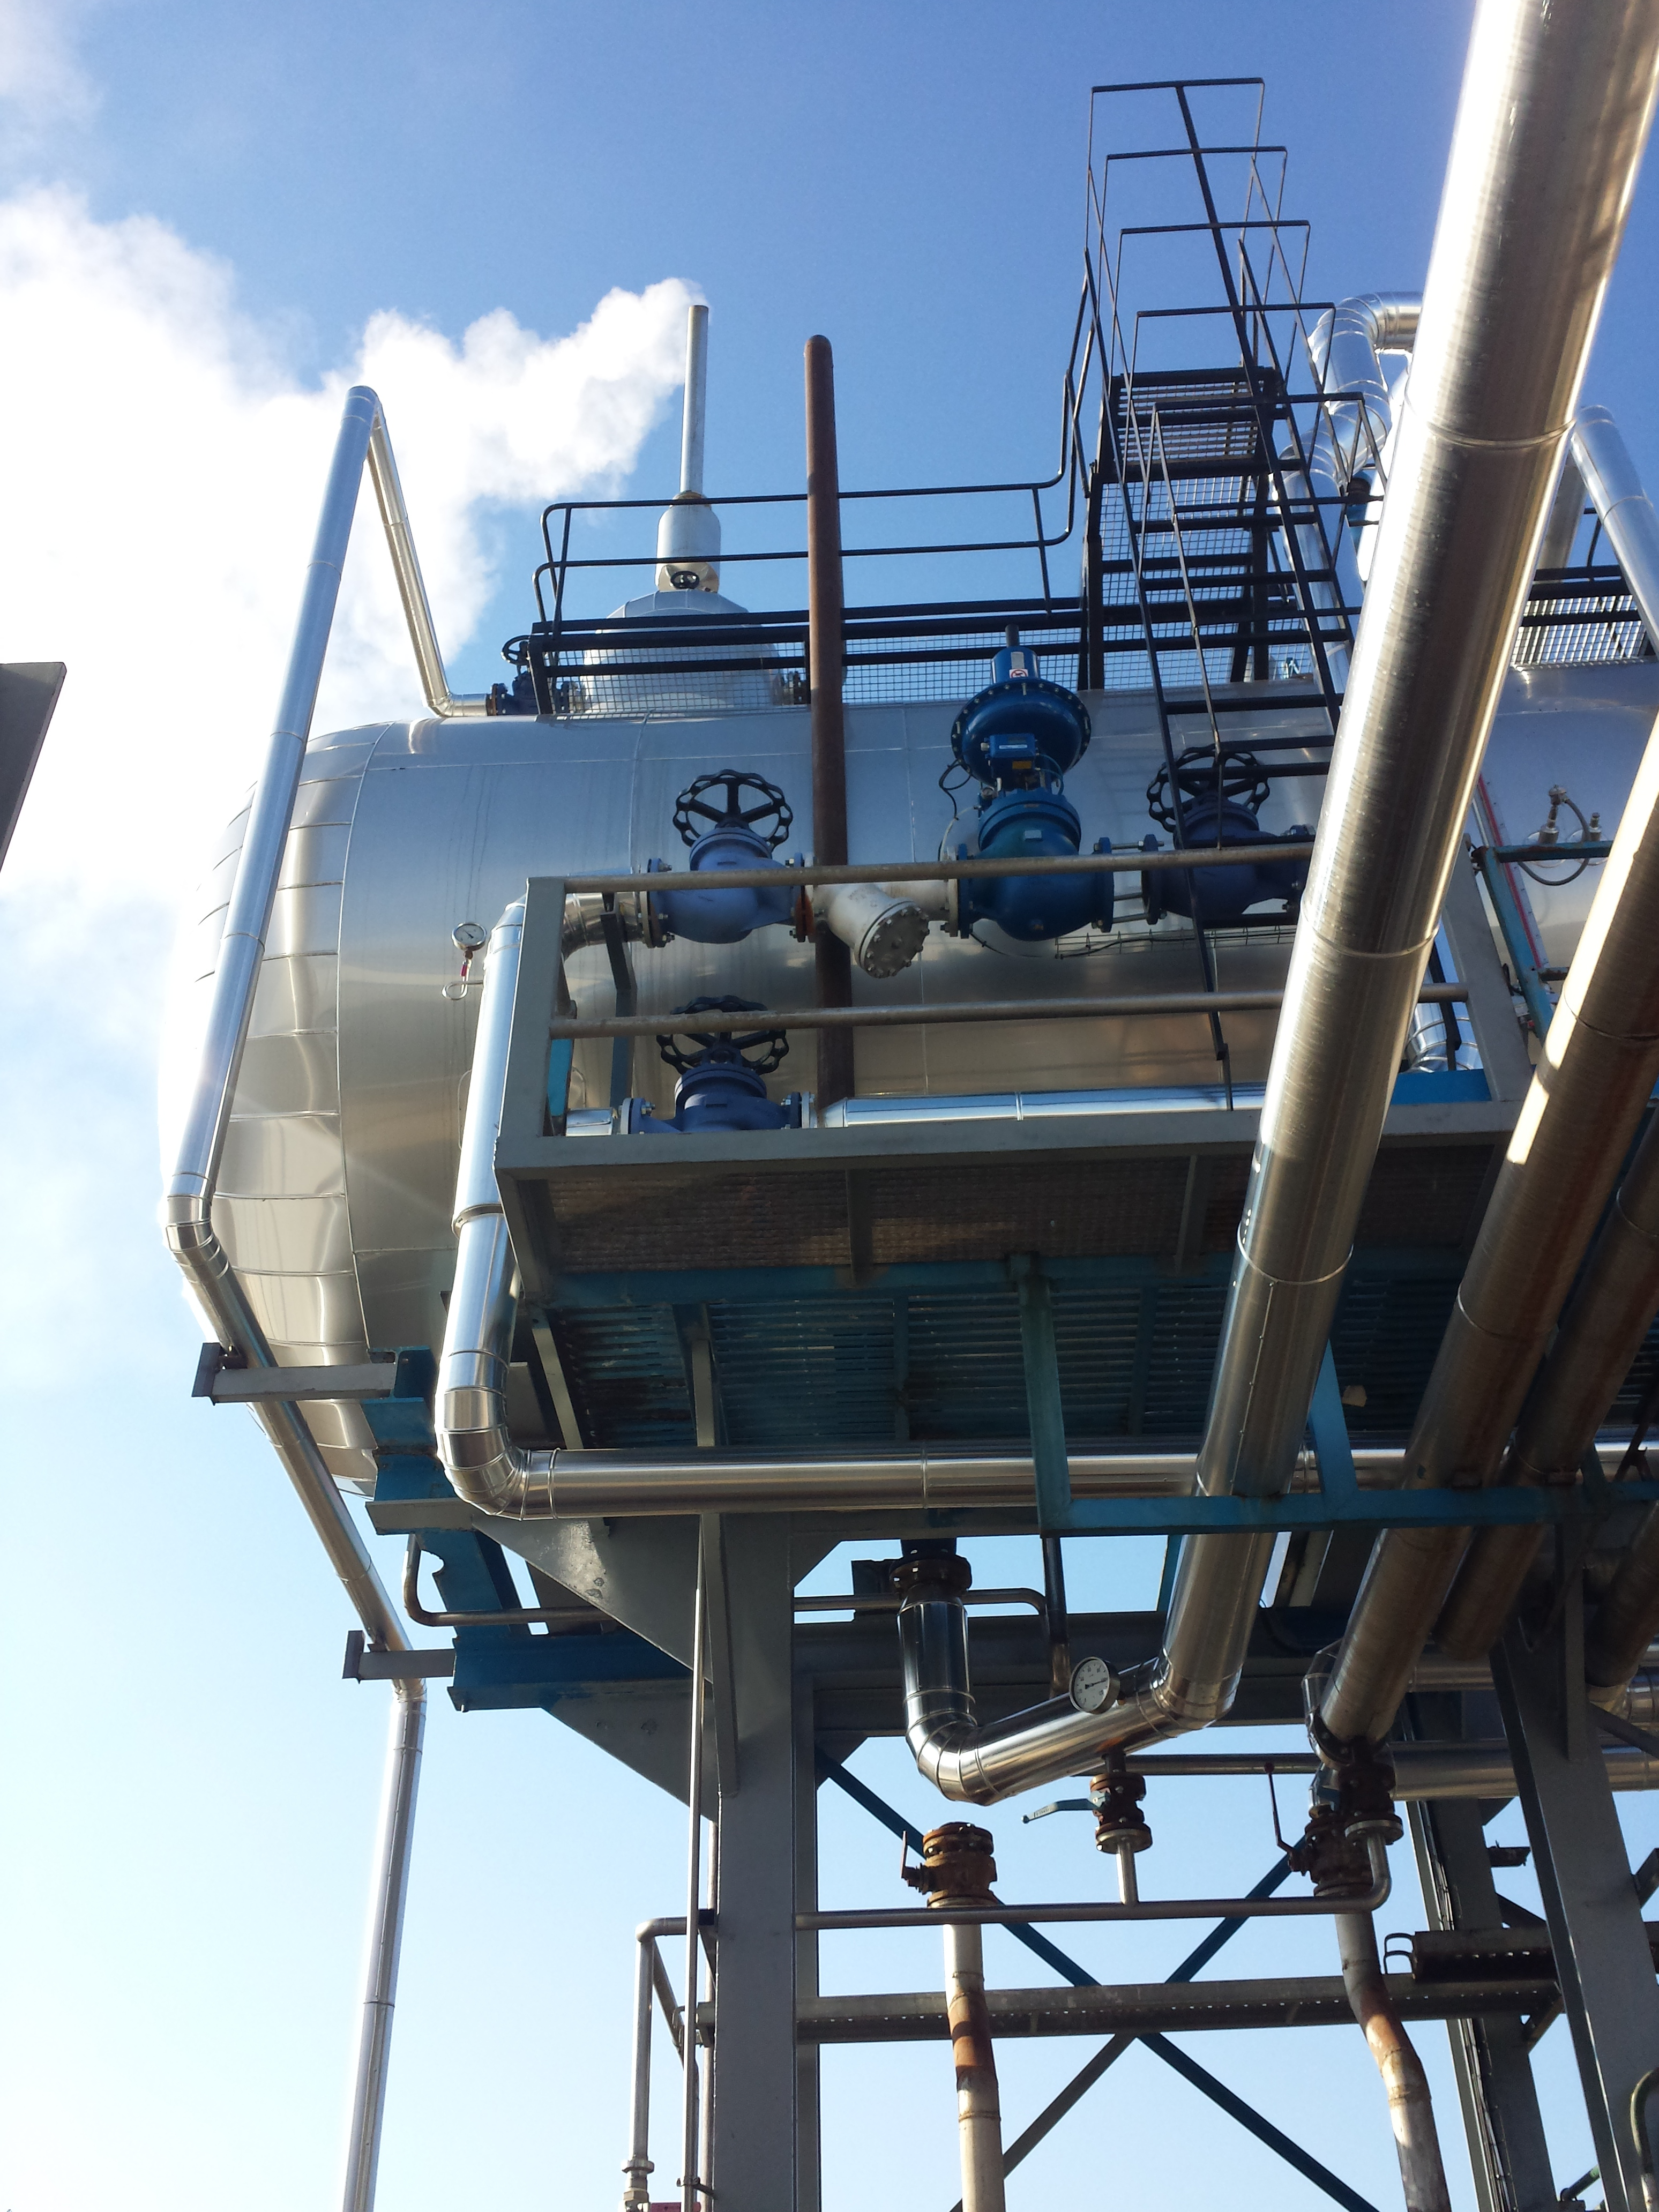 Calderas de vapor desgasificador DGV 3 Calderería López Hermanos, S.A. Valencia